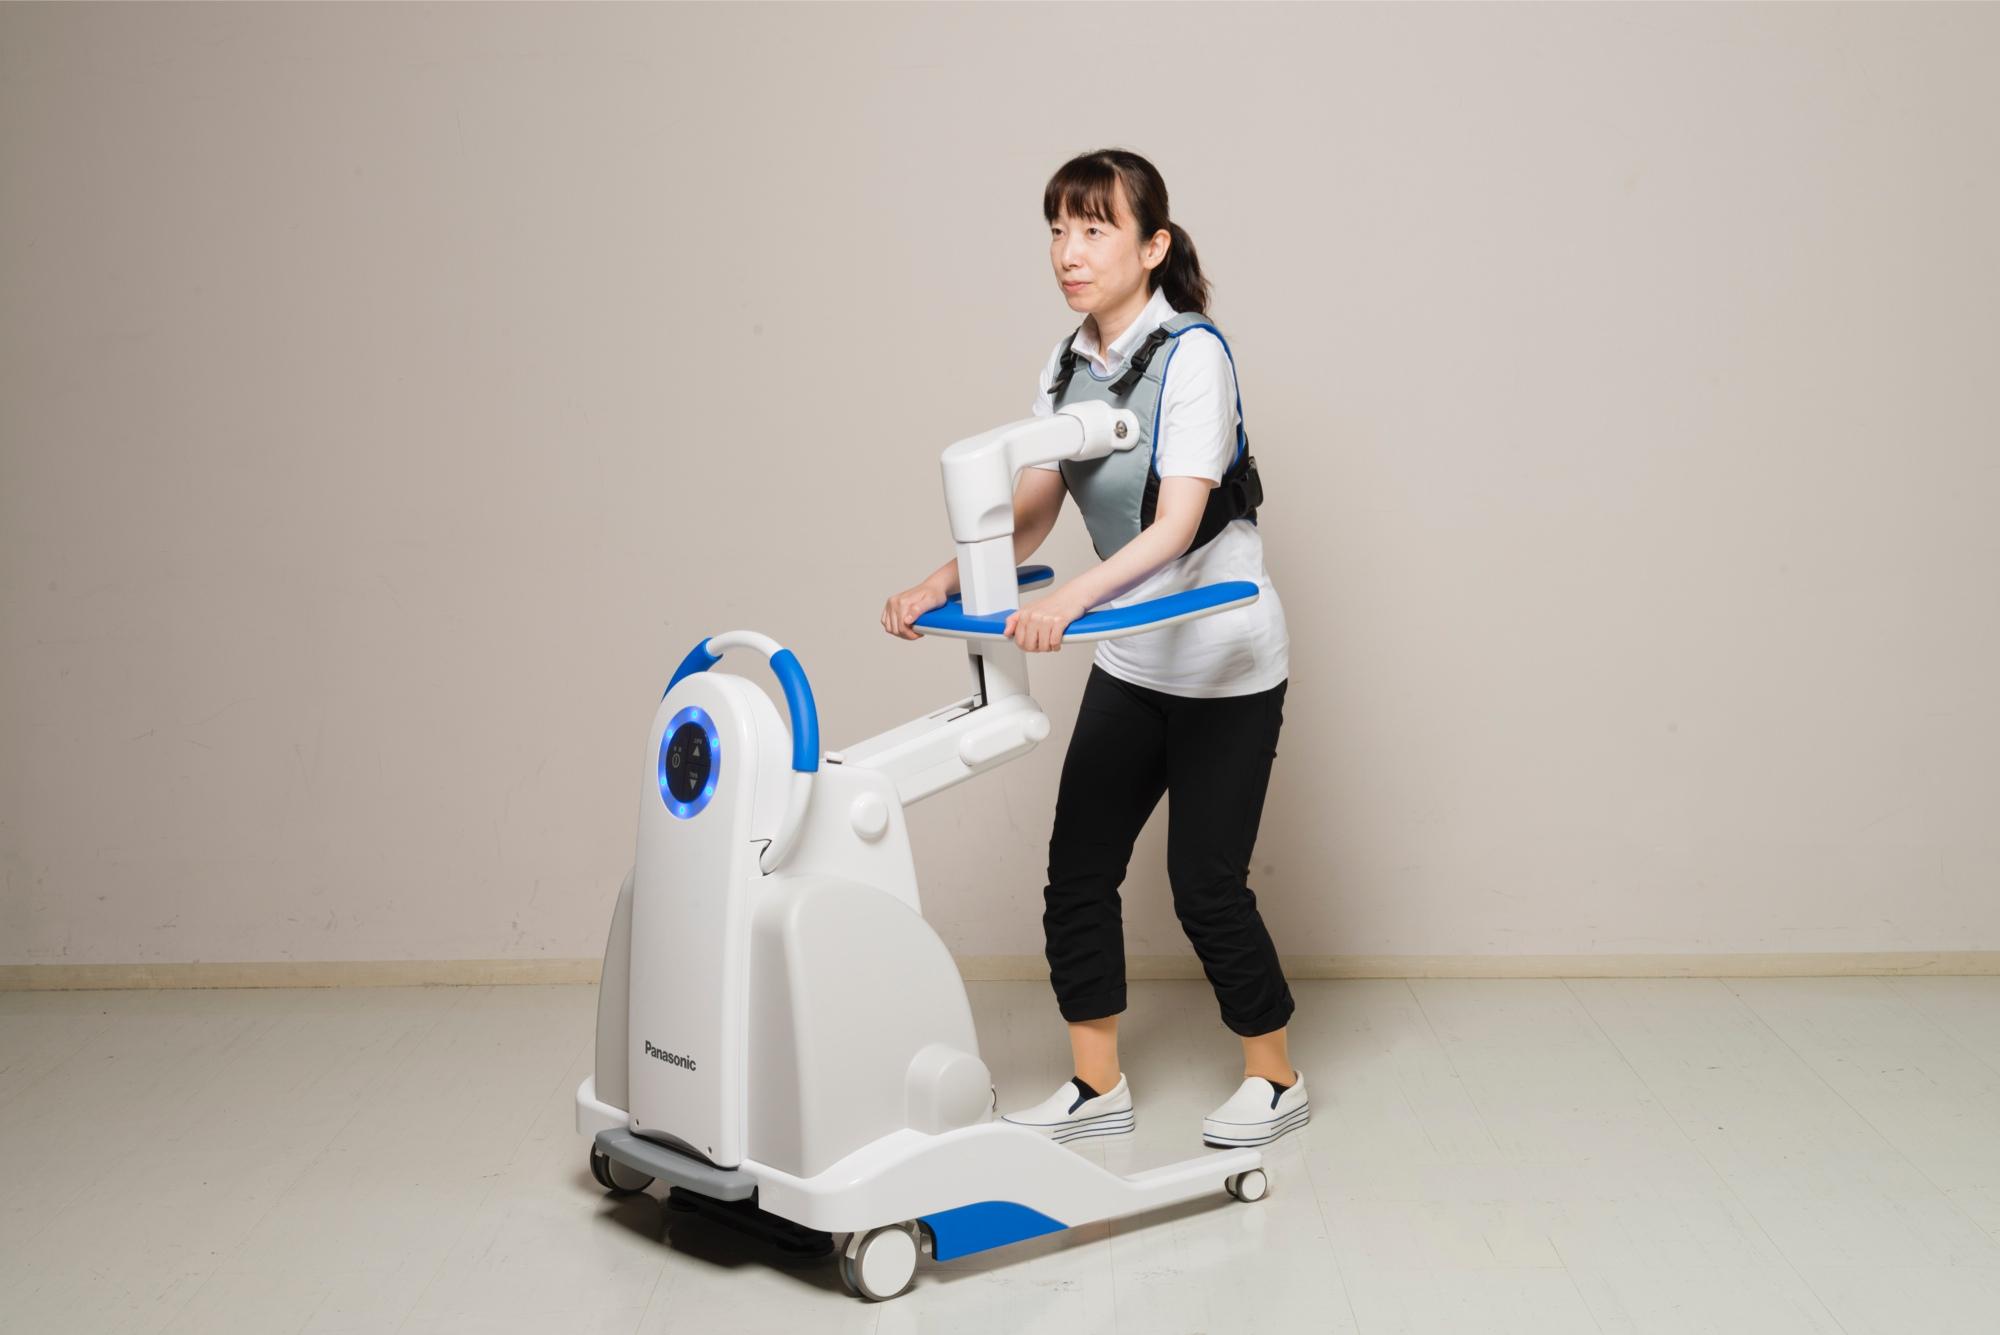 ベッドからの移動を支援する「自立支援型起立歩行アシストロボット」とベッドの上の状態を見守る「みまもりシステム」を開発